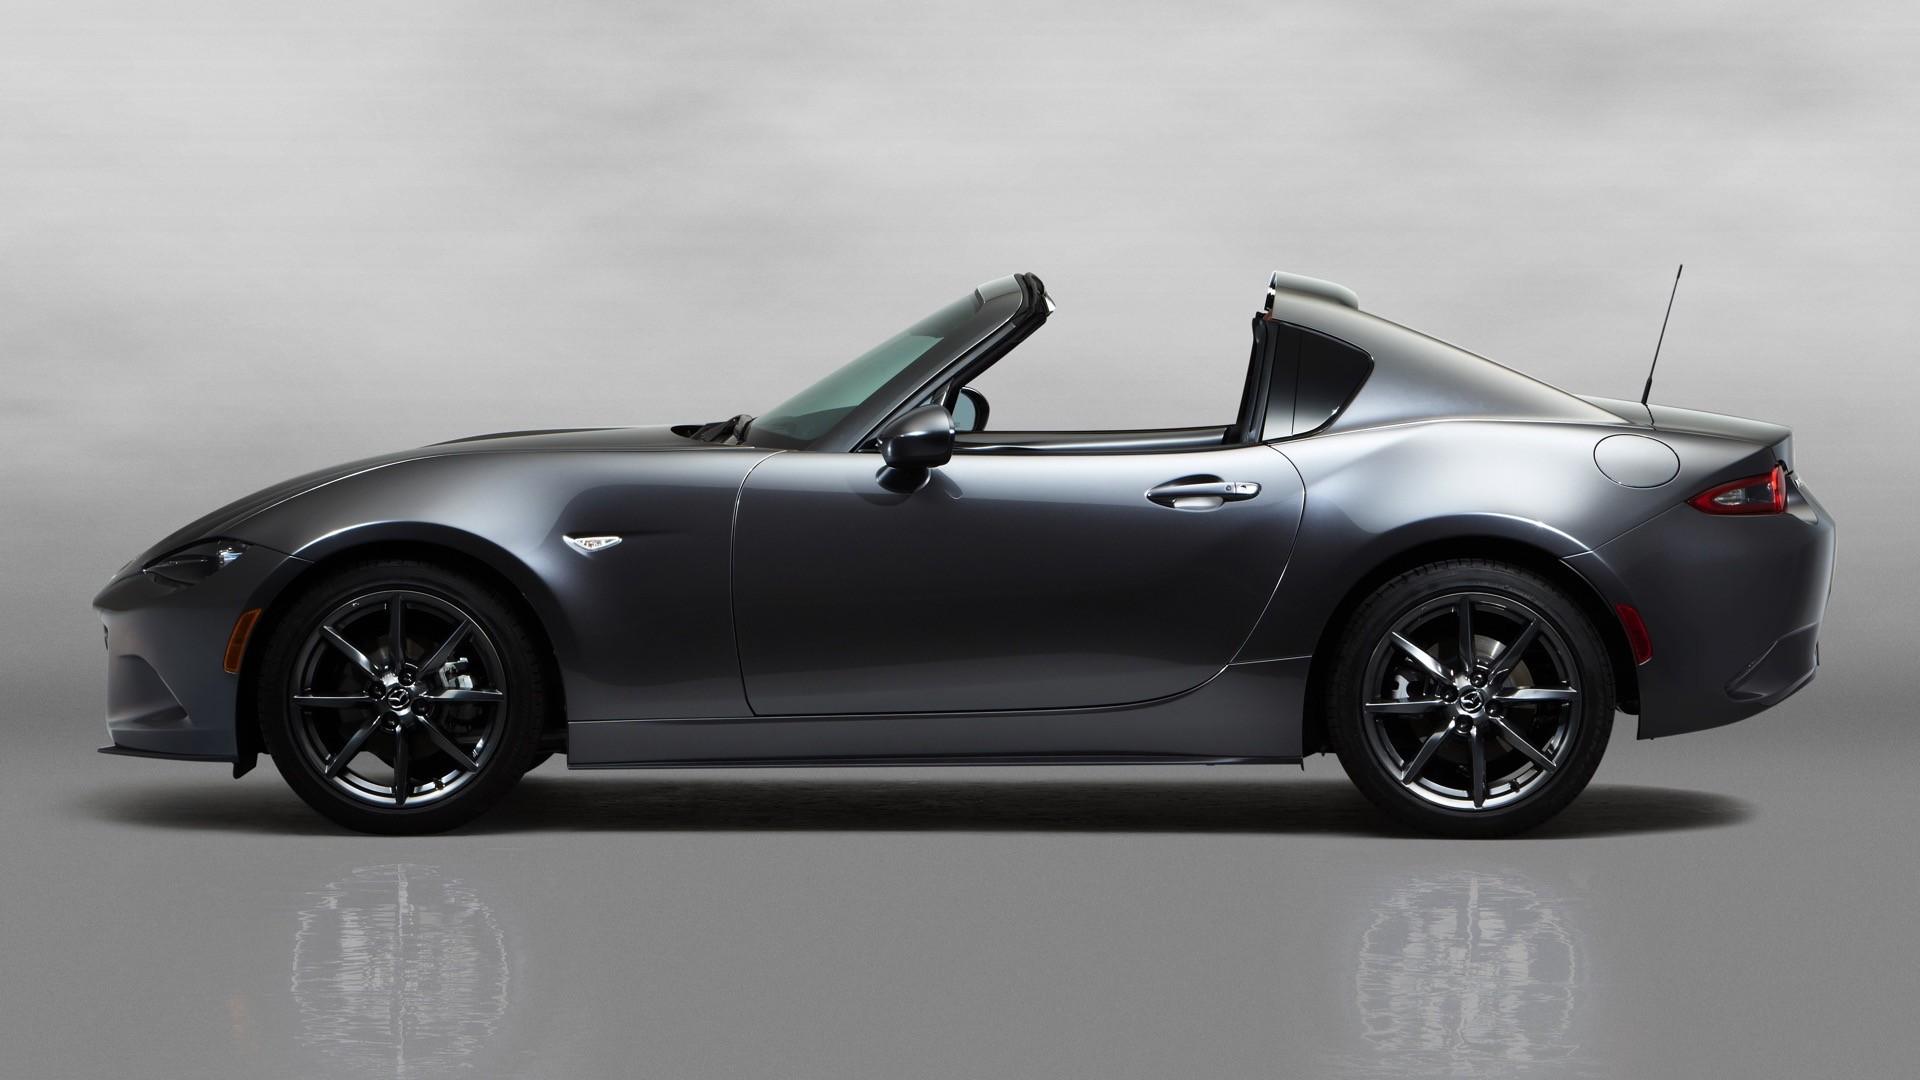 Kelebihan Kekurangan Harga Mazda Mx5 Top Model Tahun Ini